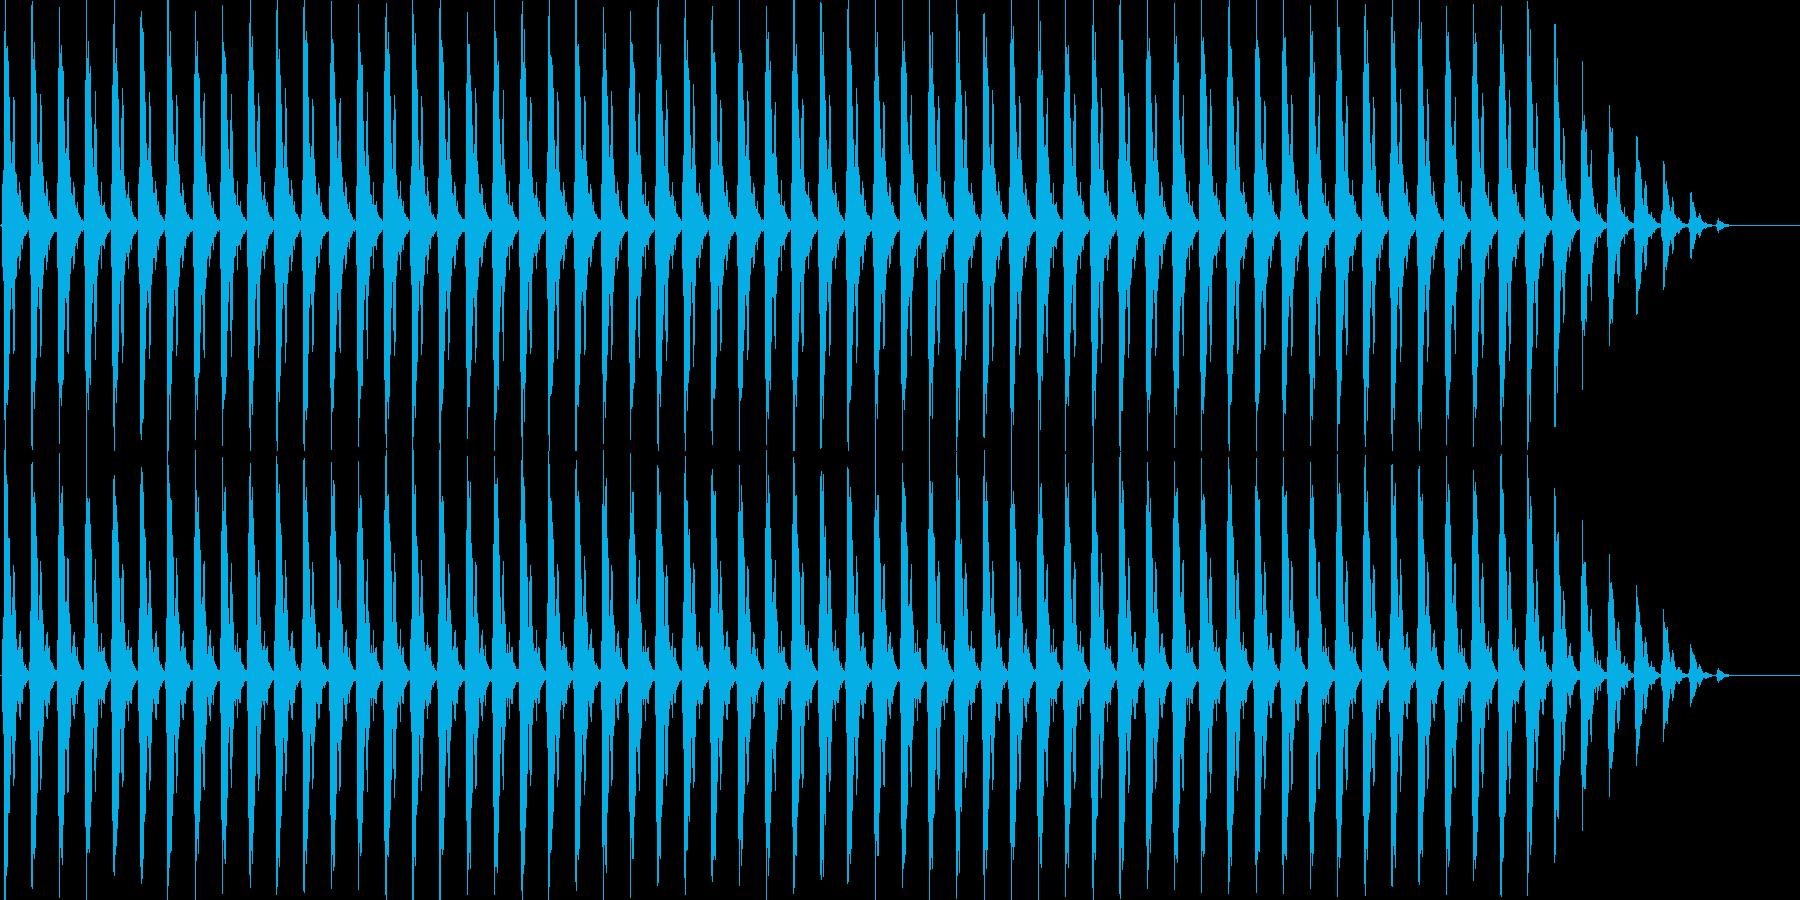 クリスマスの鈴(テンポ遅い)の再生済みの波形